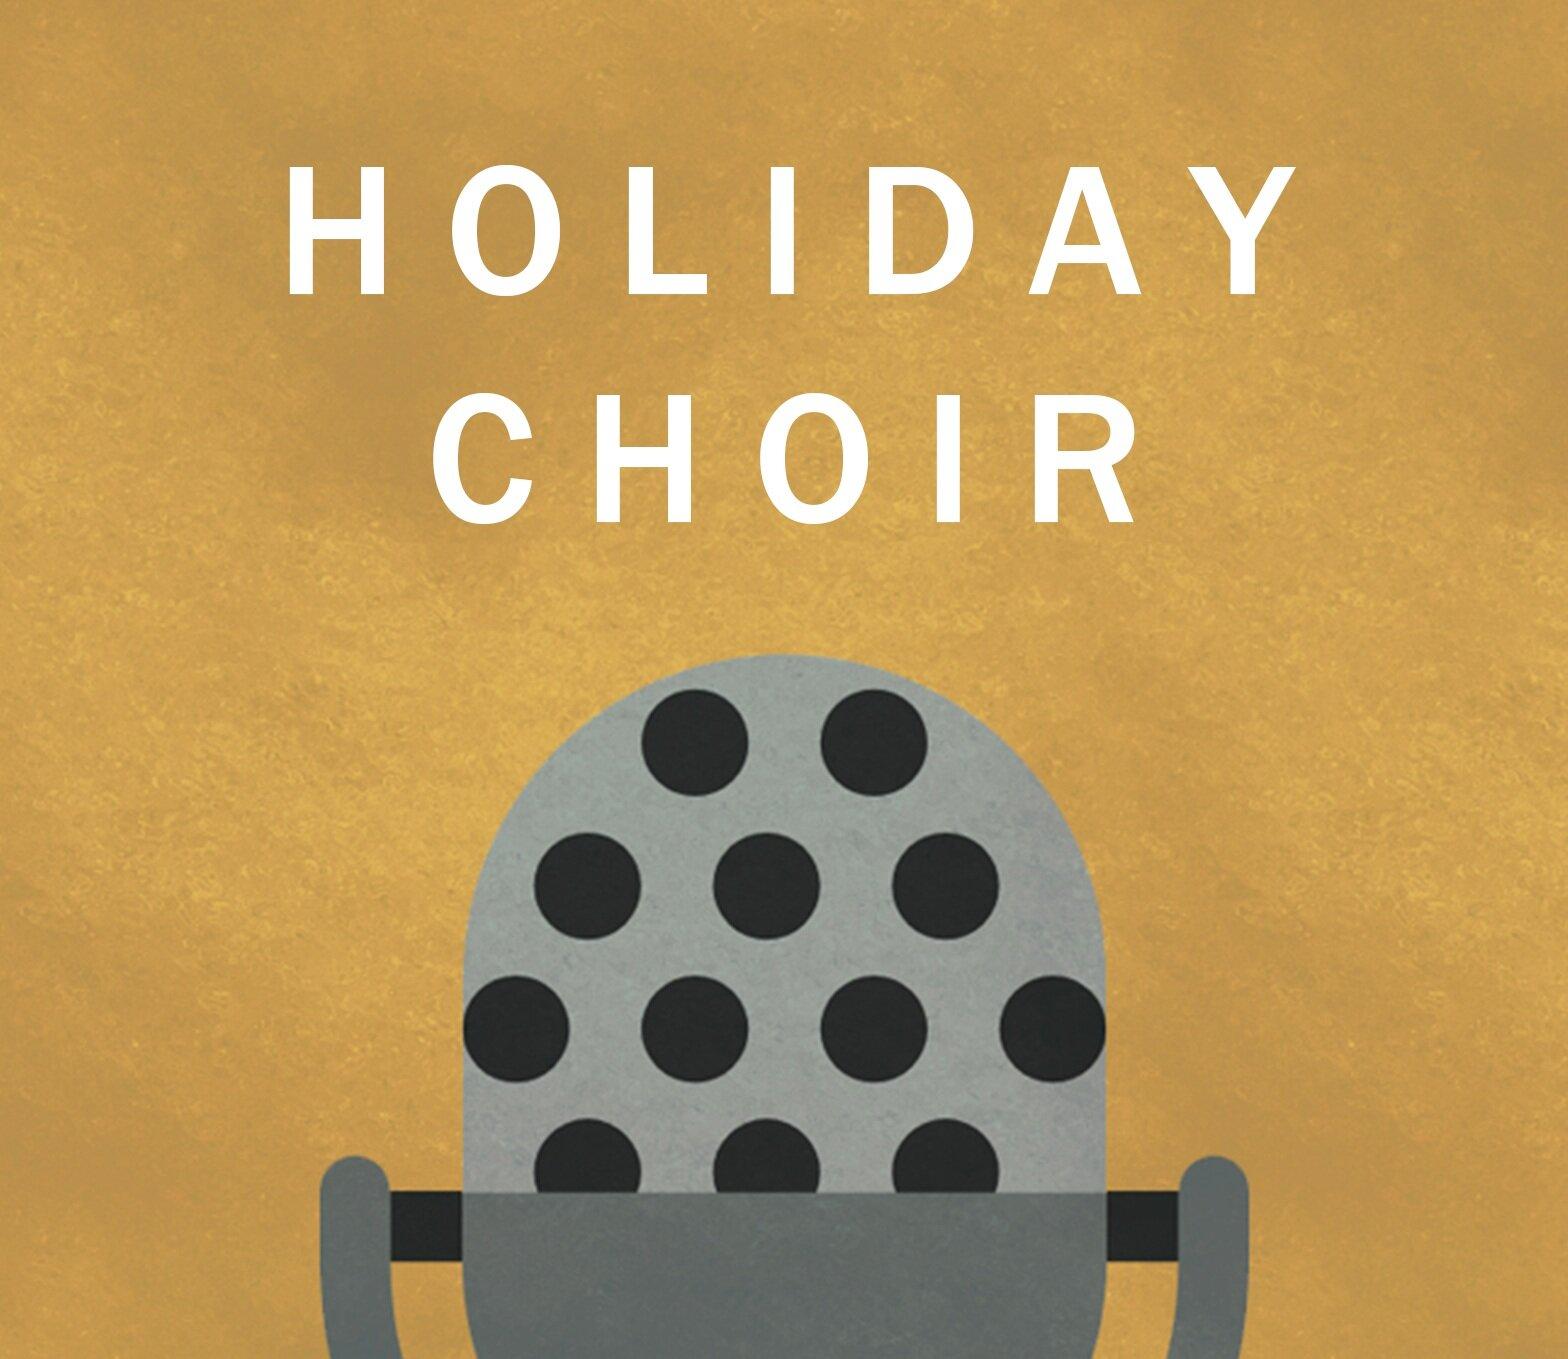 choir+JOIN+THE.jpg